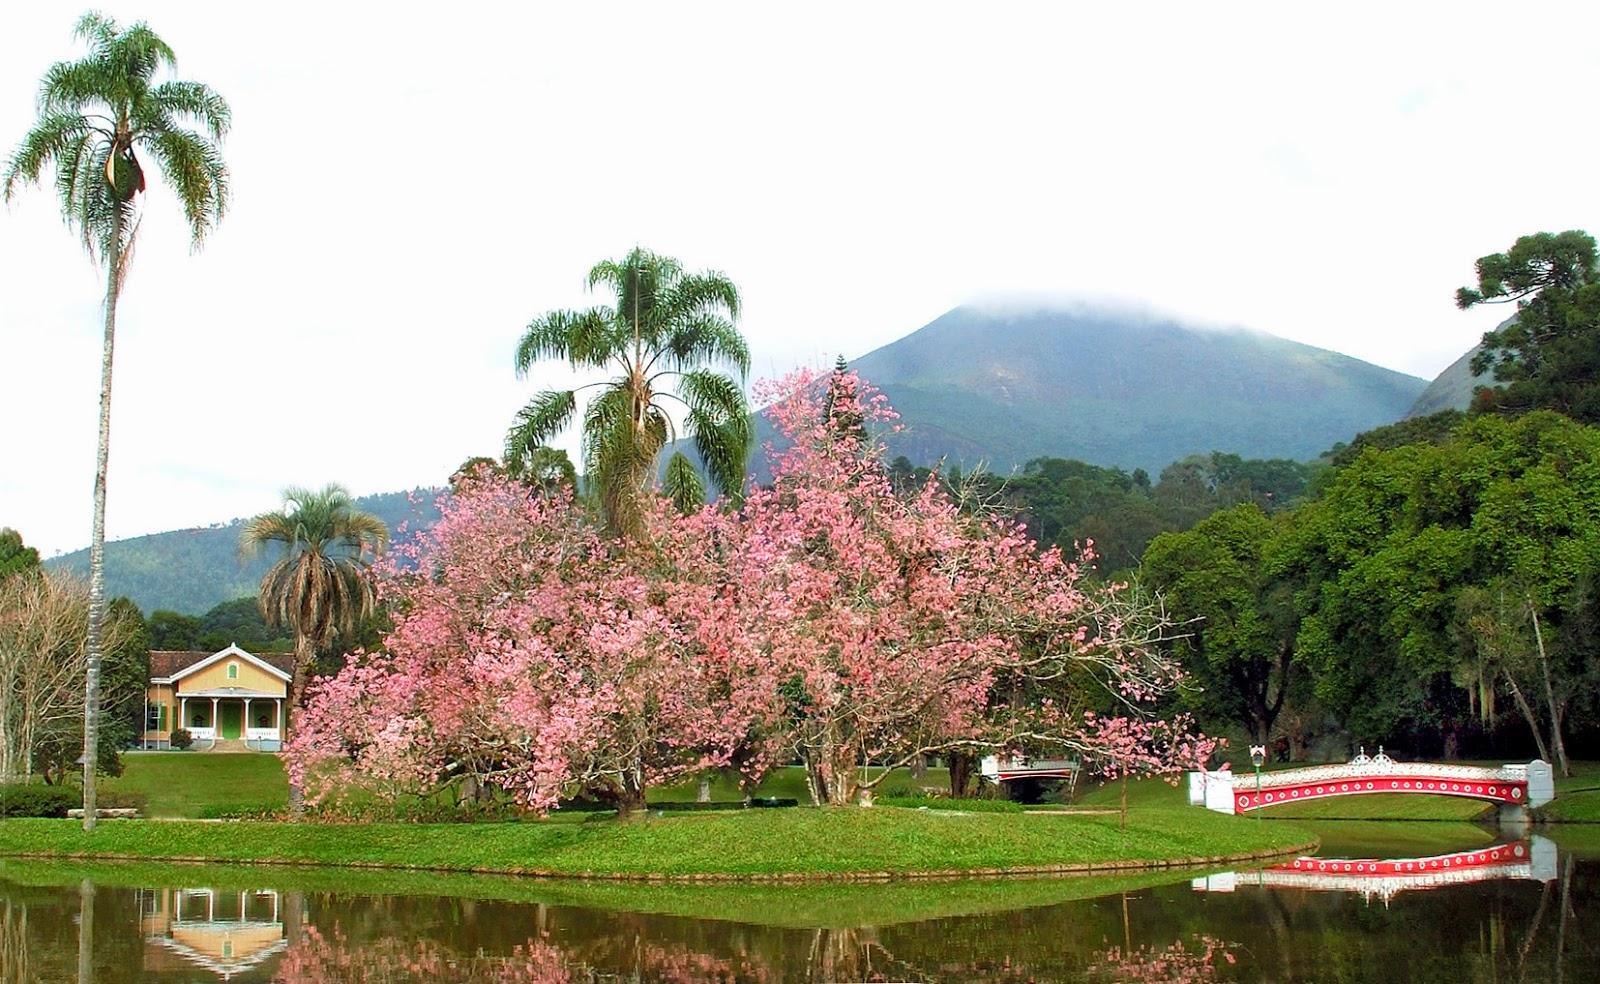 Floricultura Nova Friburgo - Imagem 1